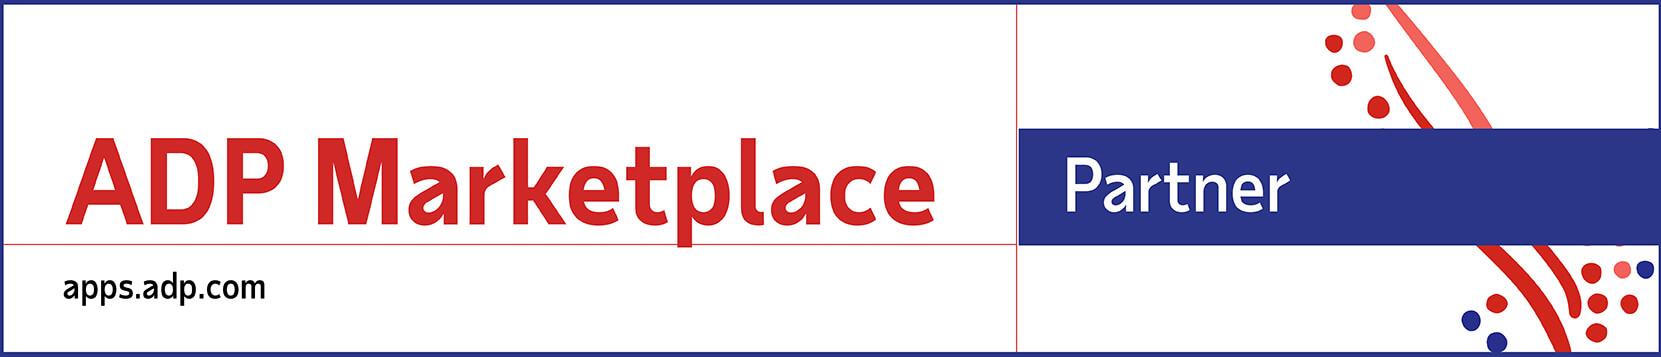 partner-logo-ADP-Marketplace